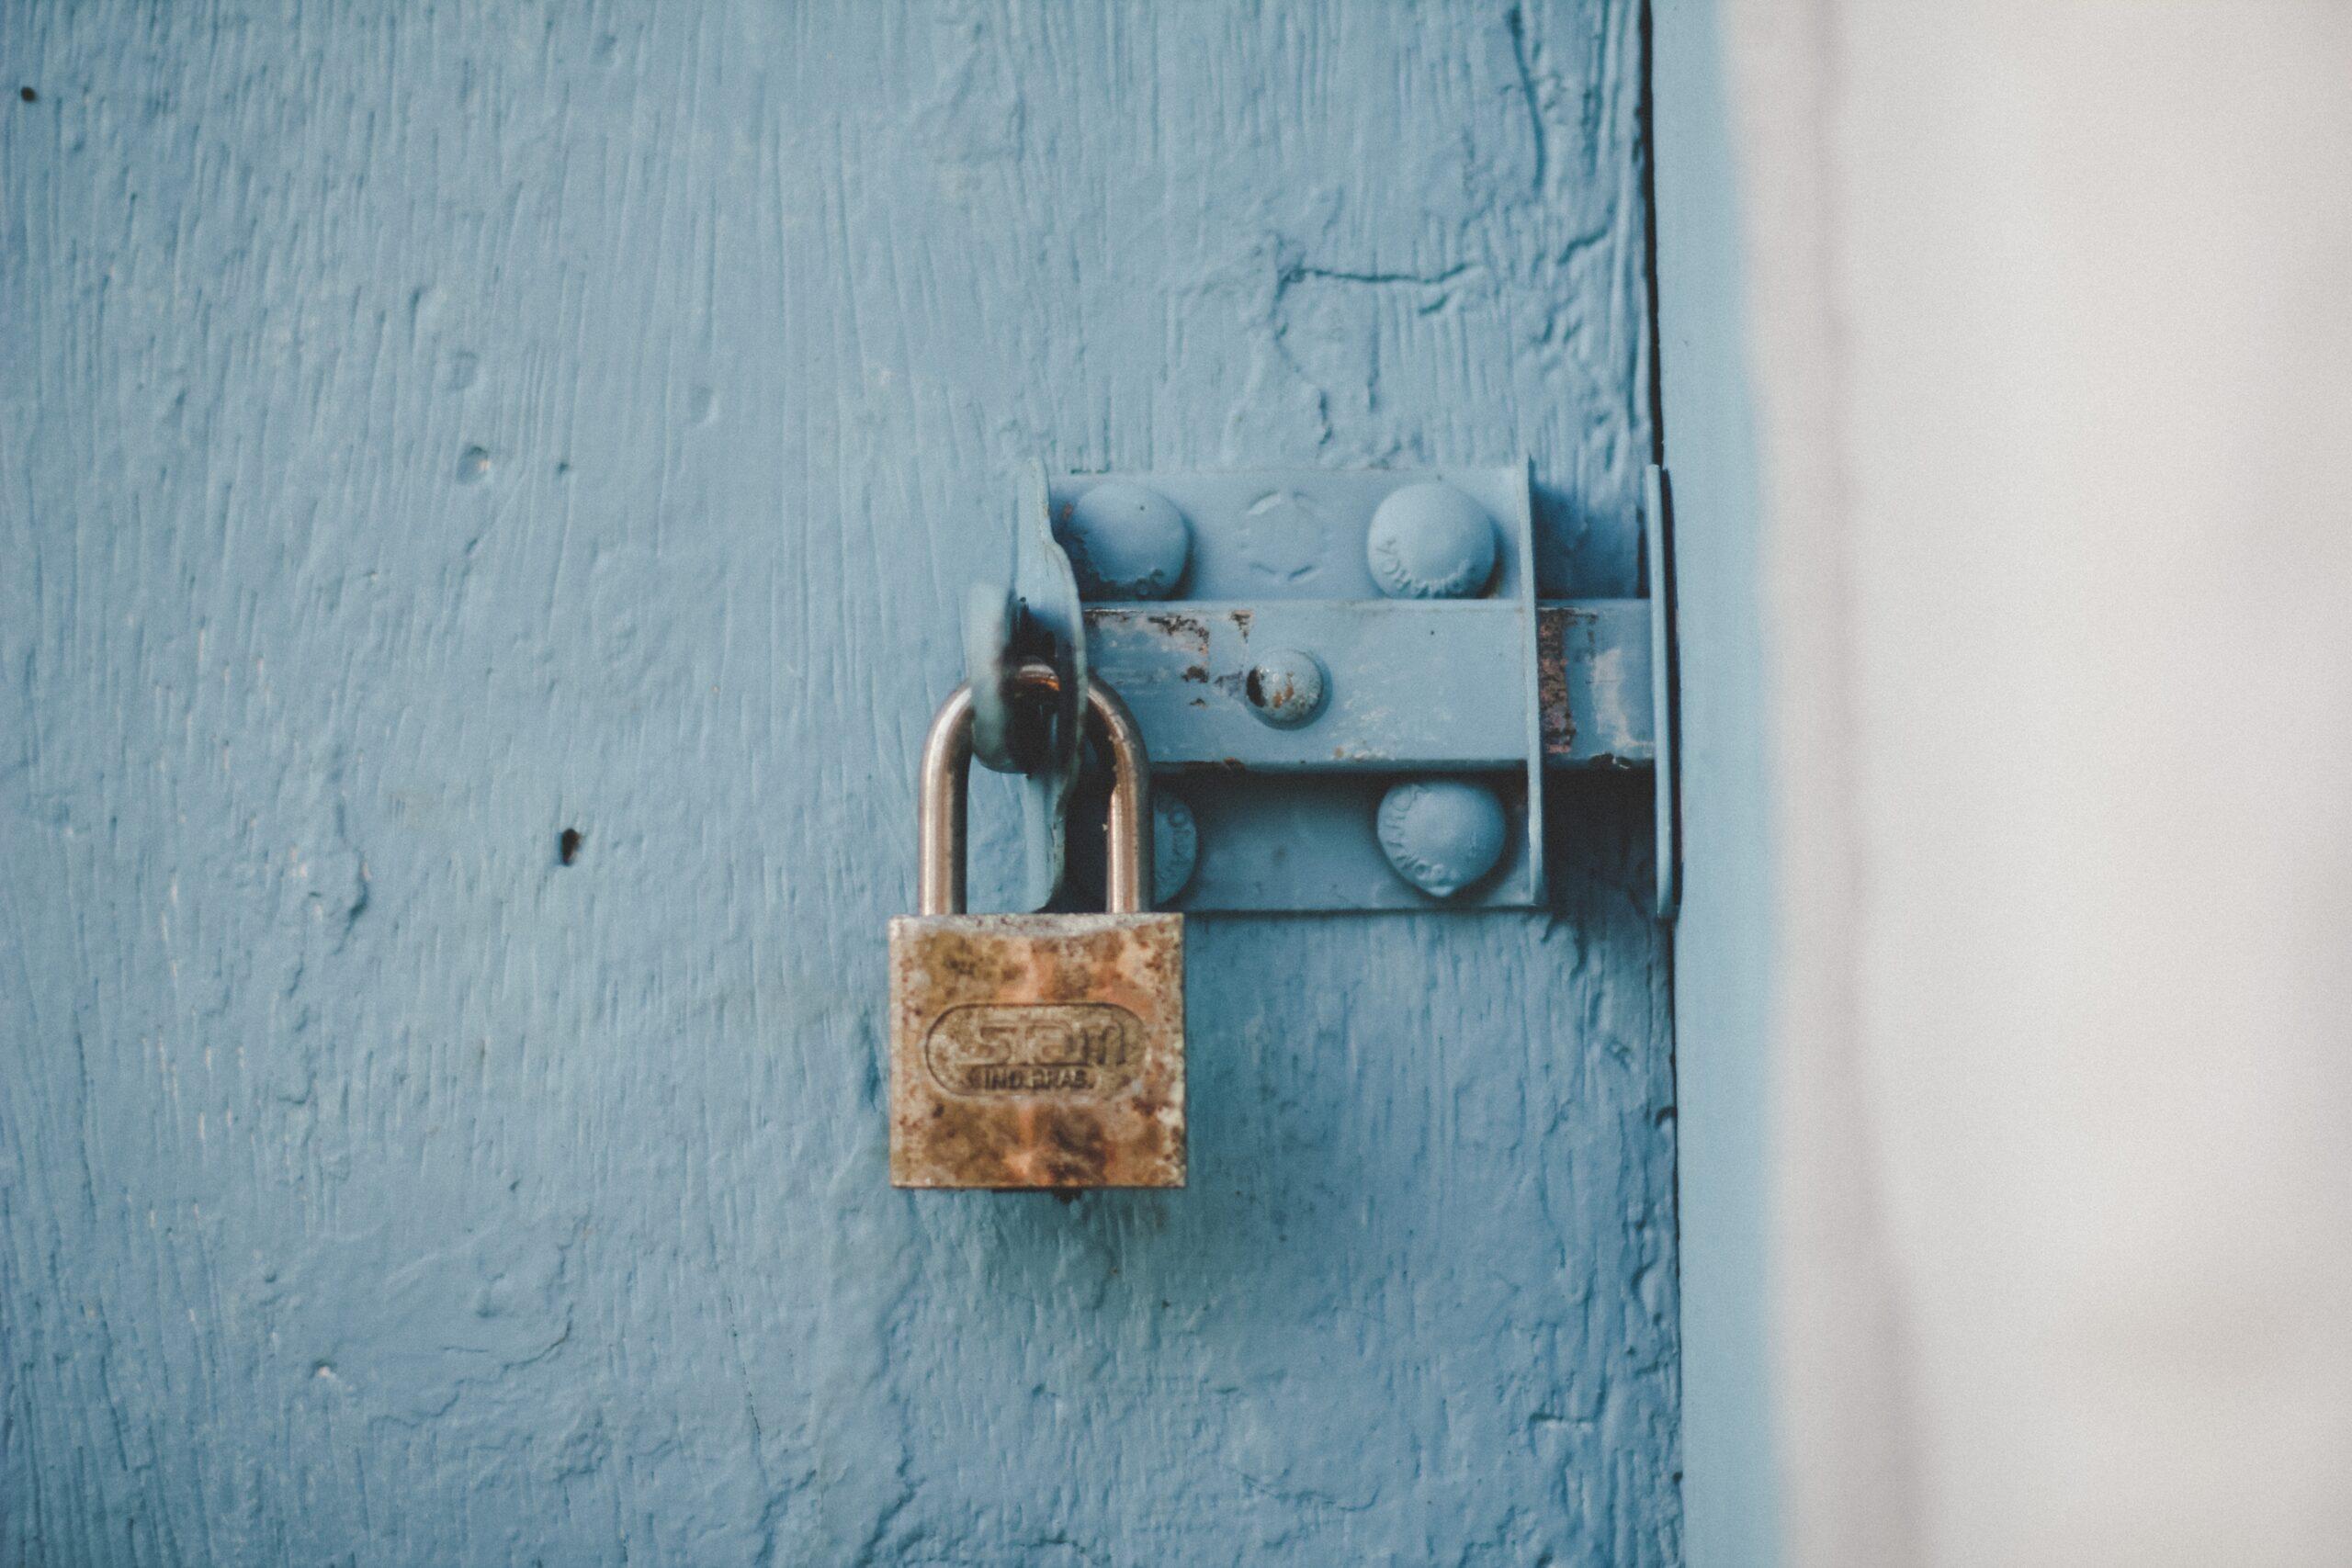 brown padlock on blue wooden door